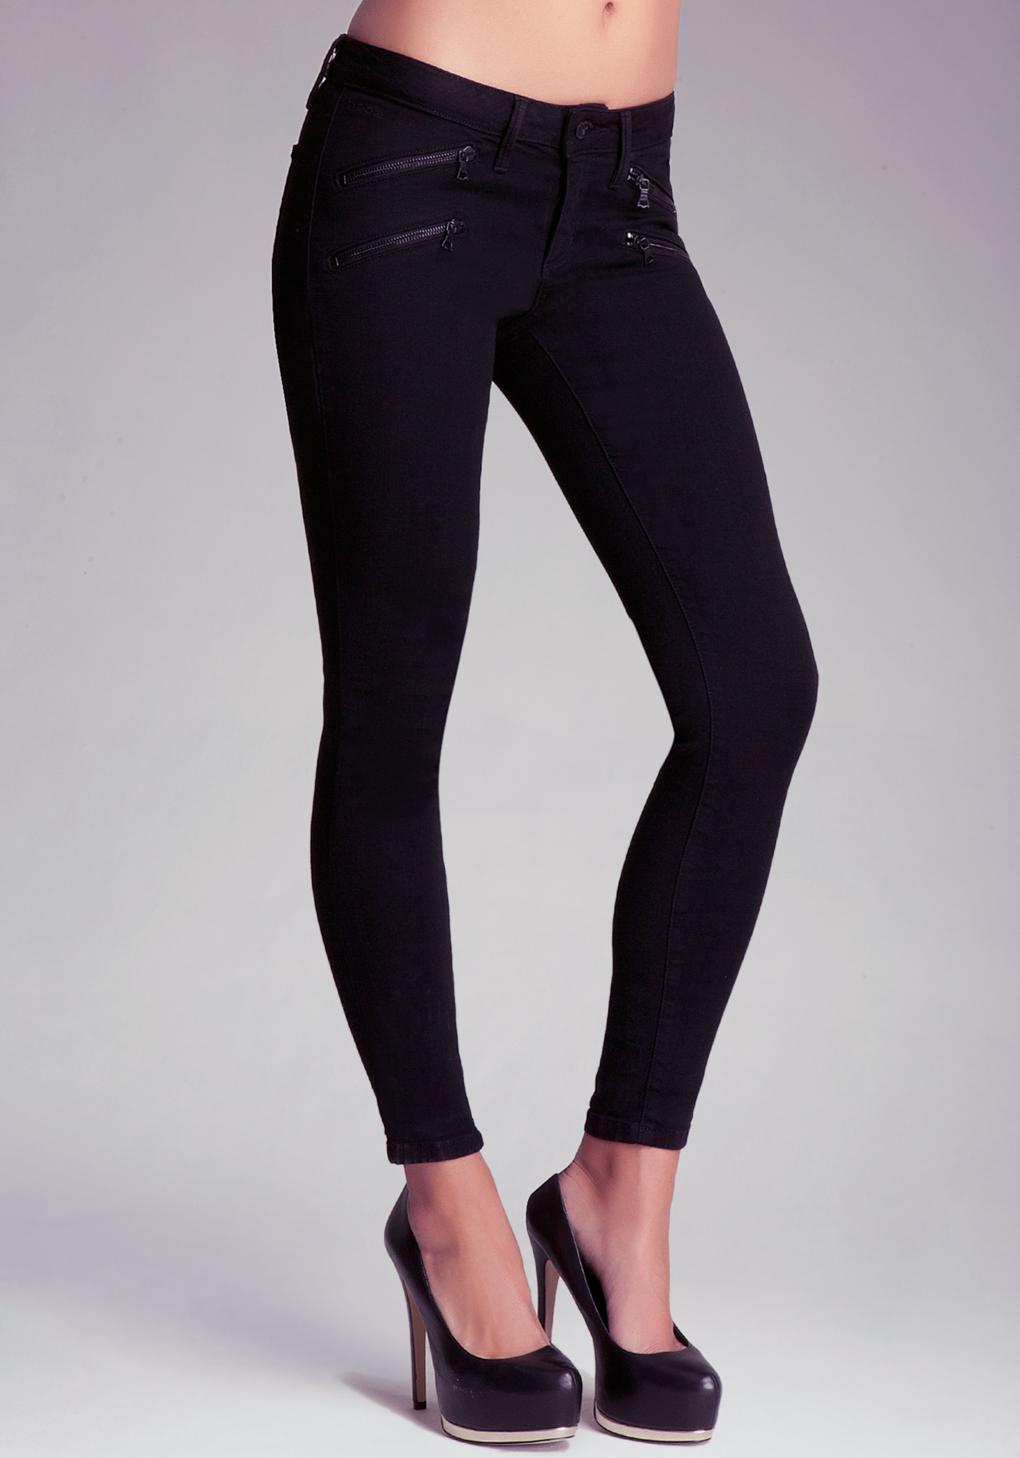 Bebe Black Multi Zipper Skinny Jeans in Black   Lyst